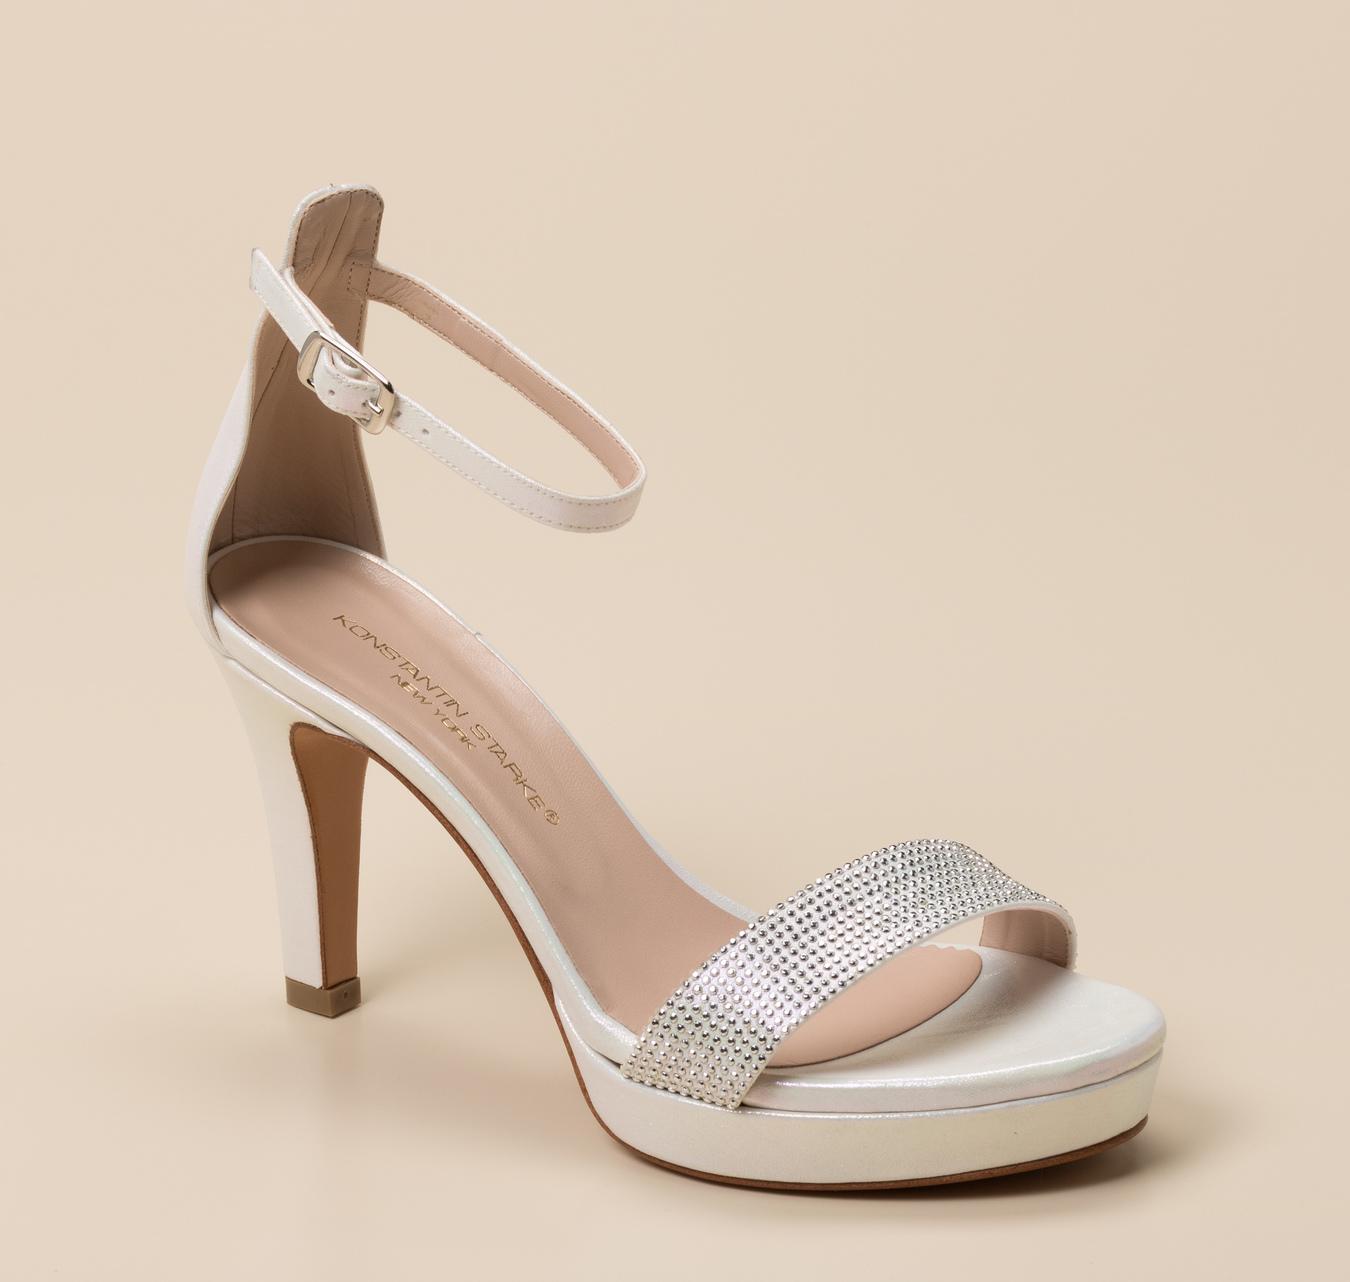 Weiß Damen Online Sandalette Starke In Konstantin KaufenZumnorde Shop Iby67vgYfm